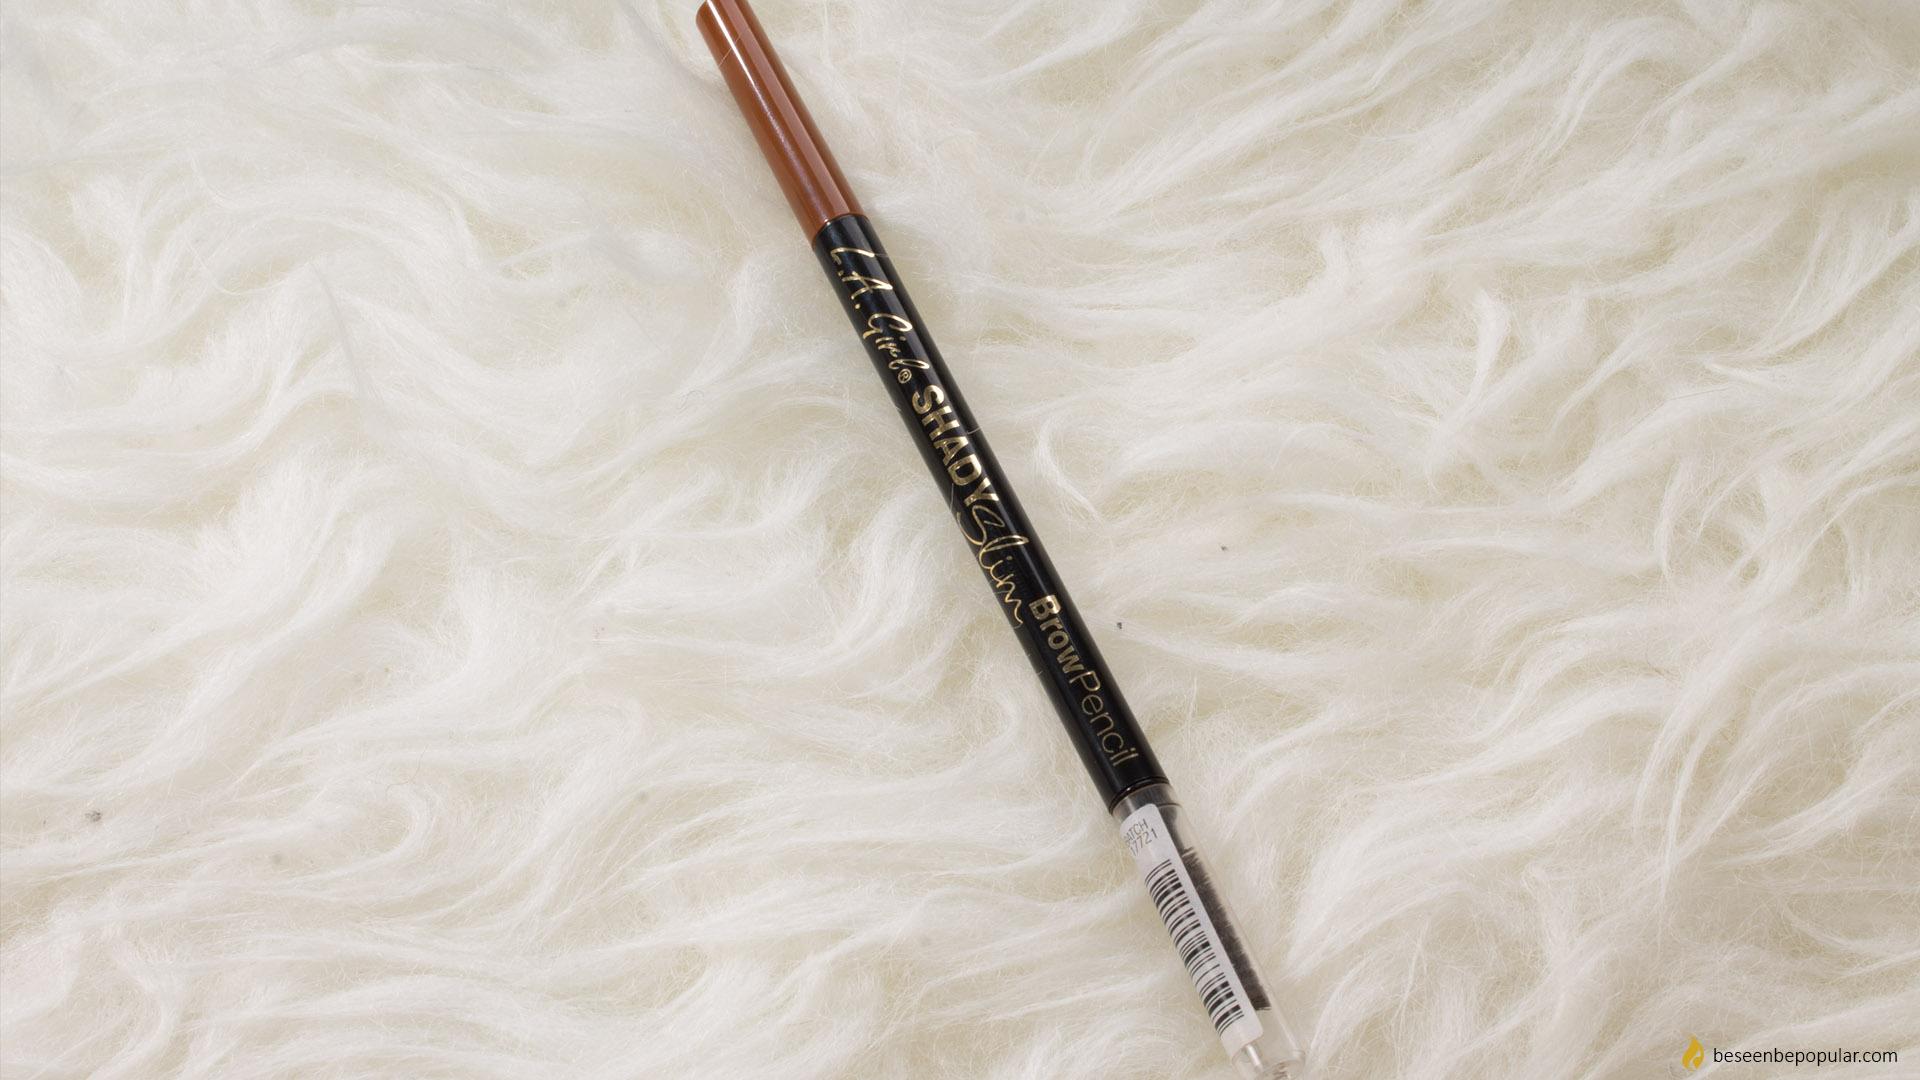 la girl eyebrow pencil